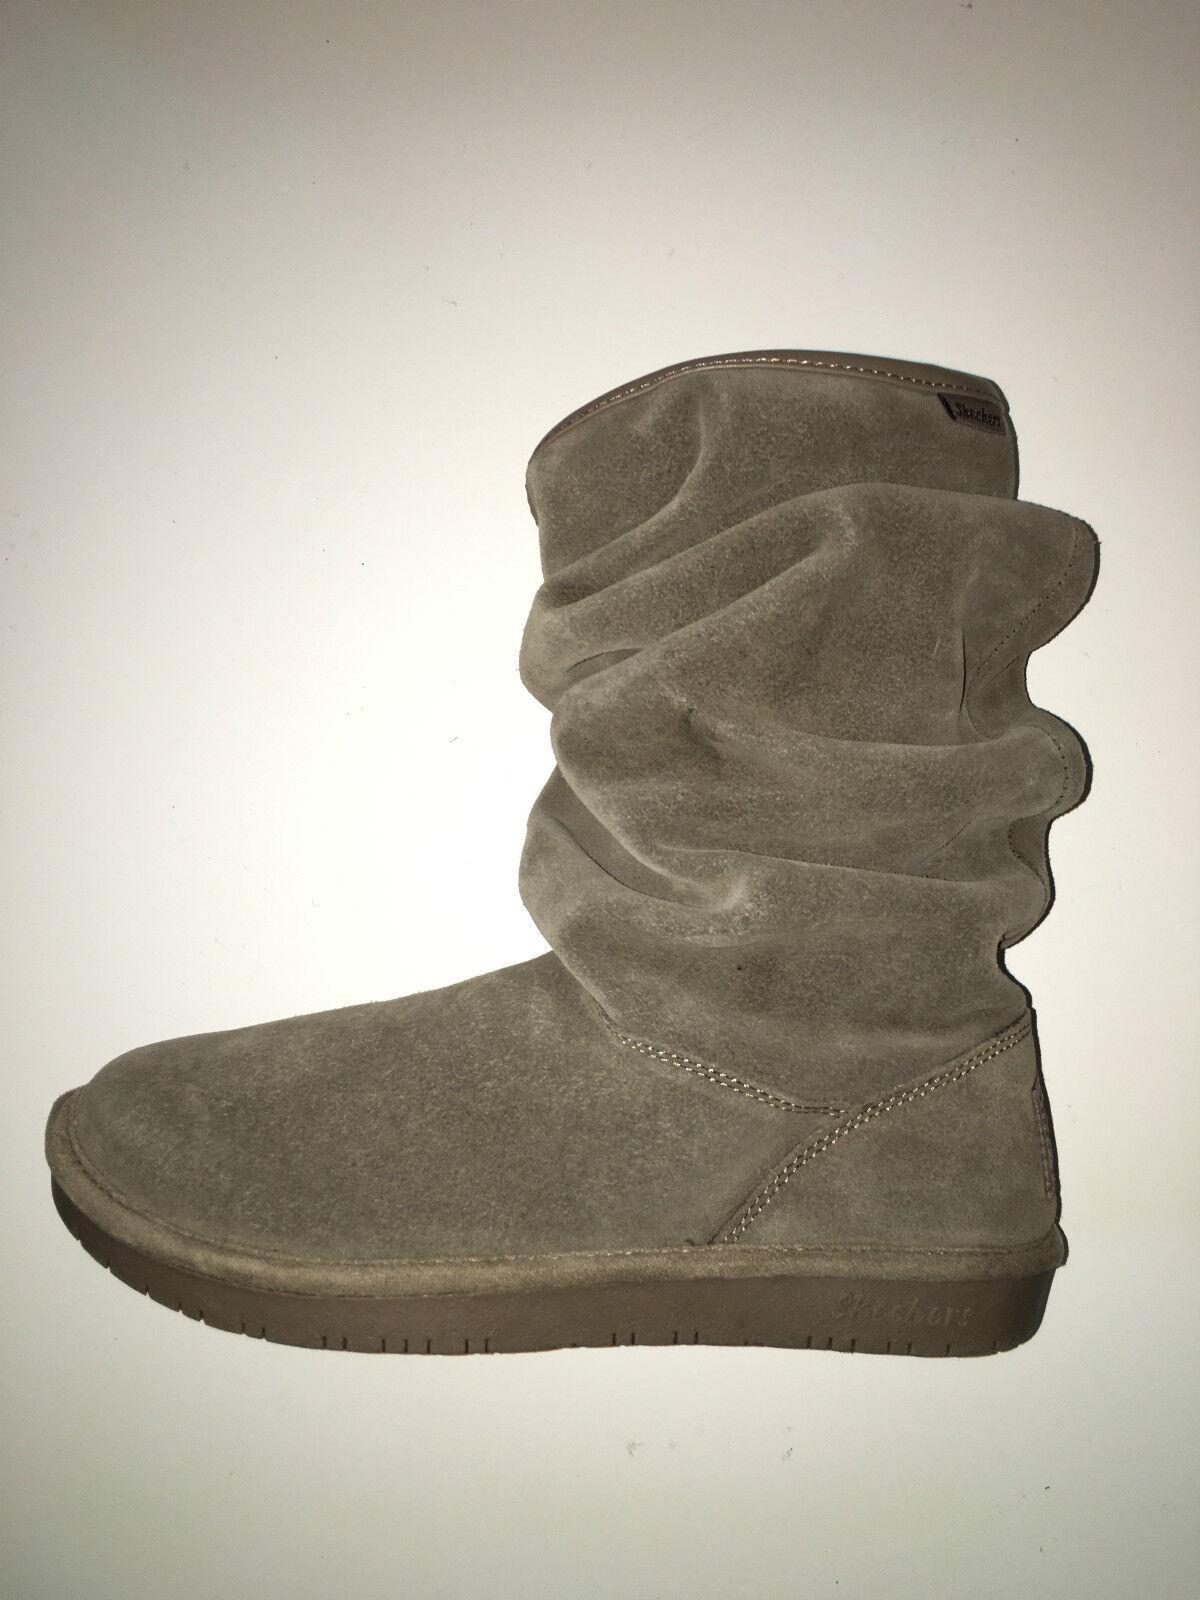 NEW Skechers Womens Shelbys-Helsinki Slouch Tan Snow Boots sz 6M